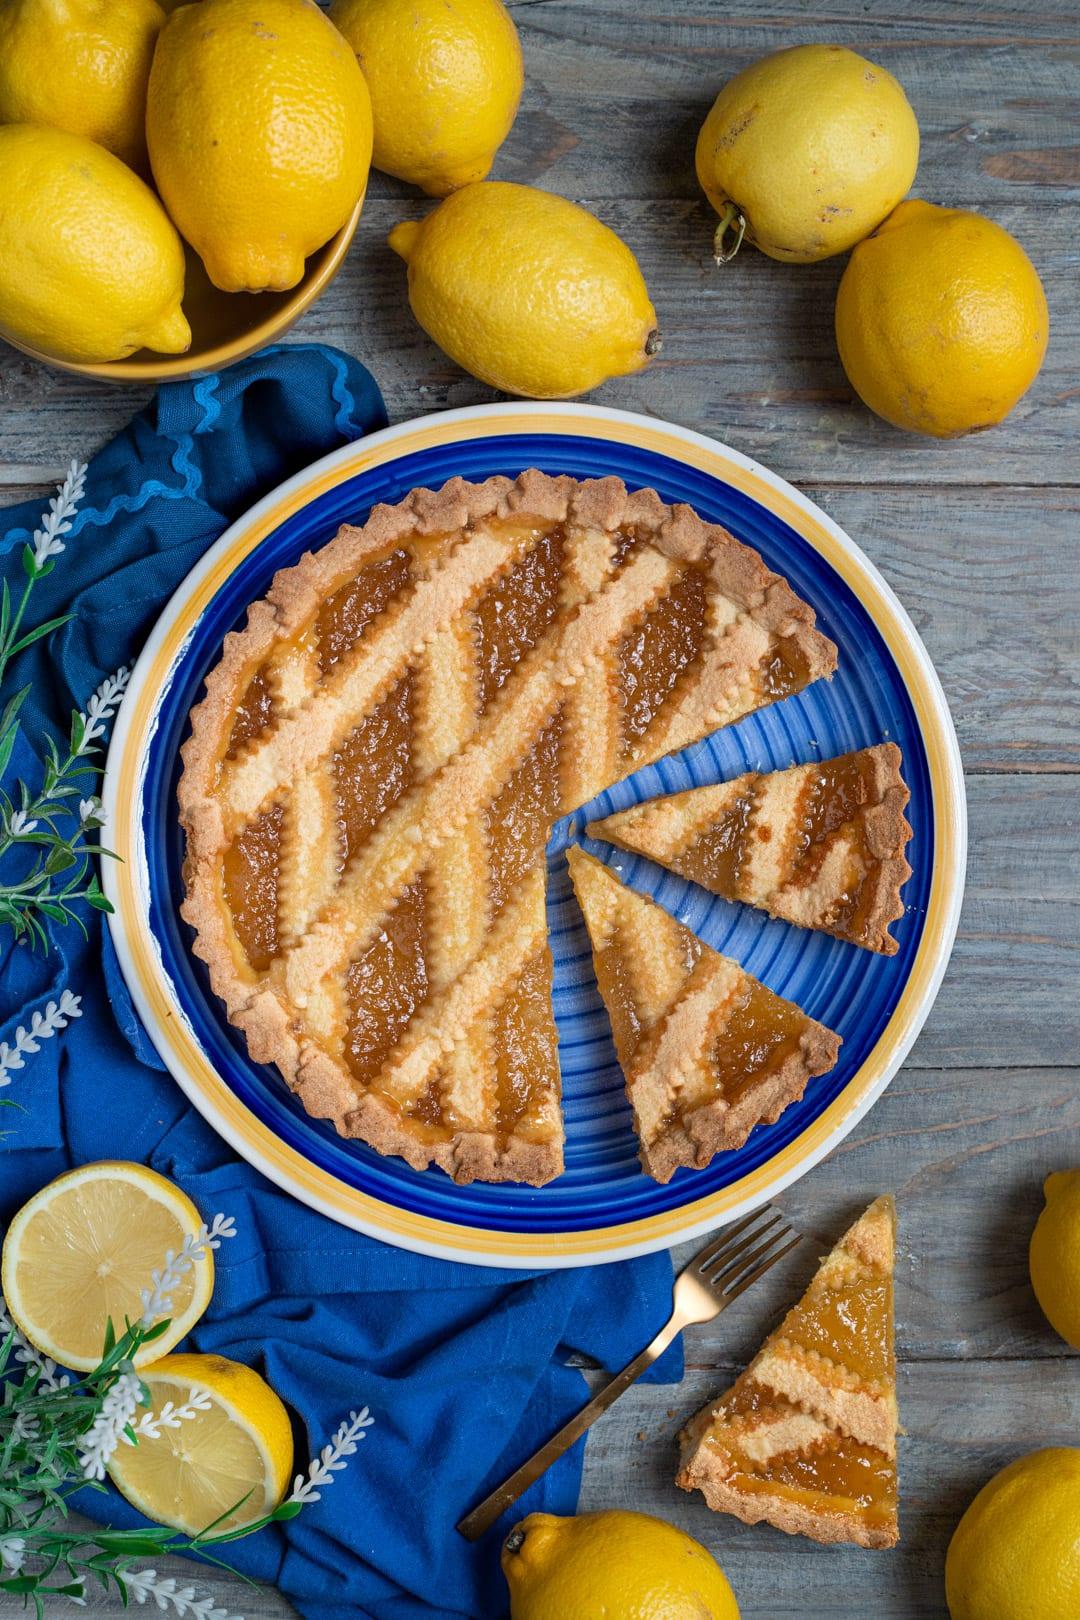 Crostata con marmellata di limoni fetta tagliata e pronta da gustare